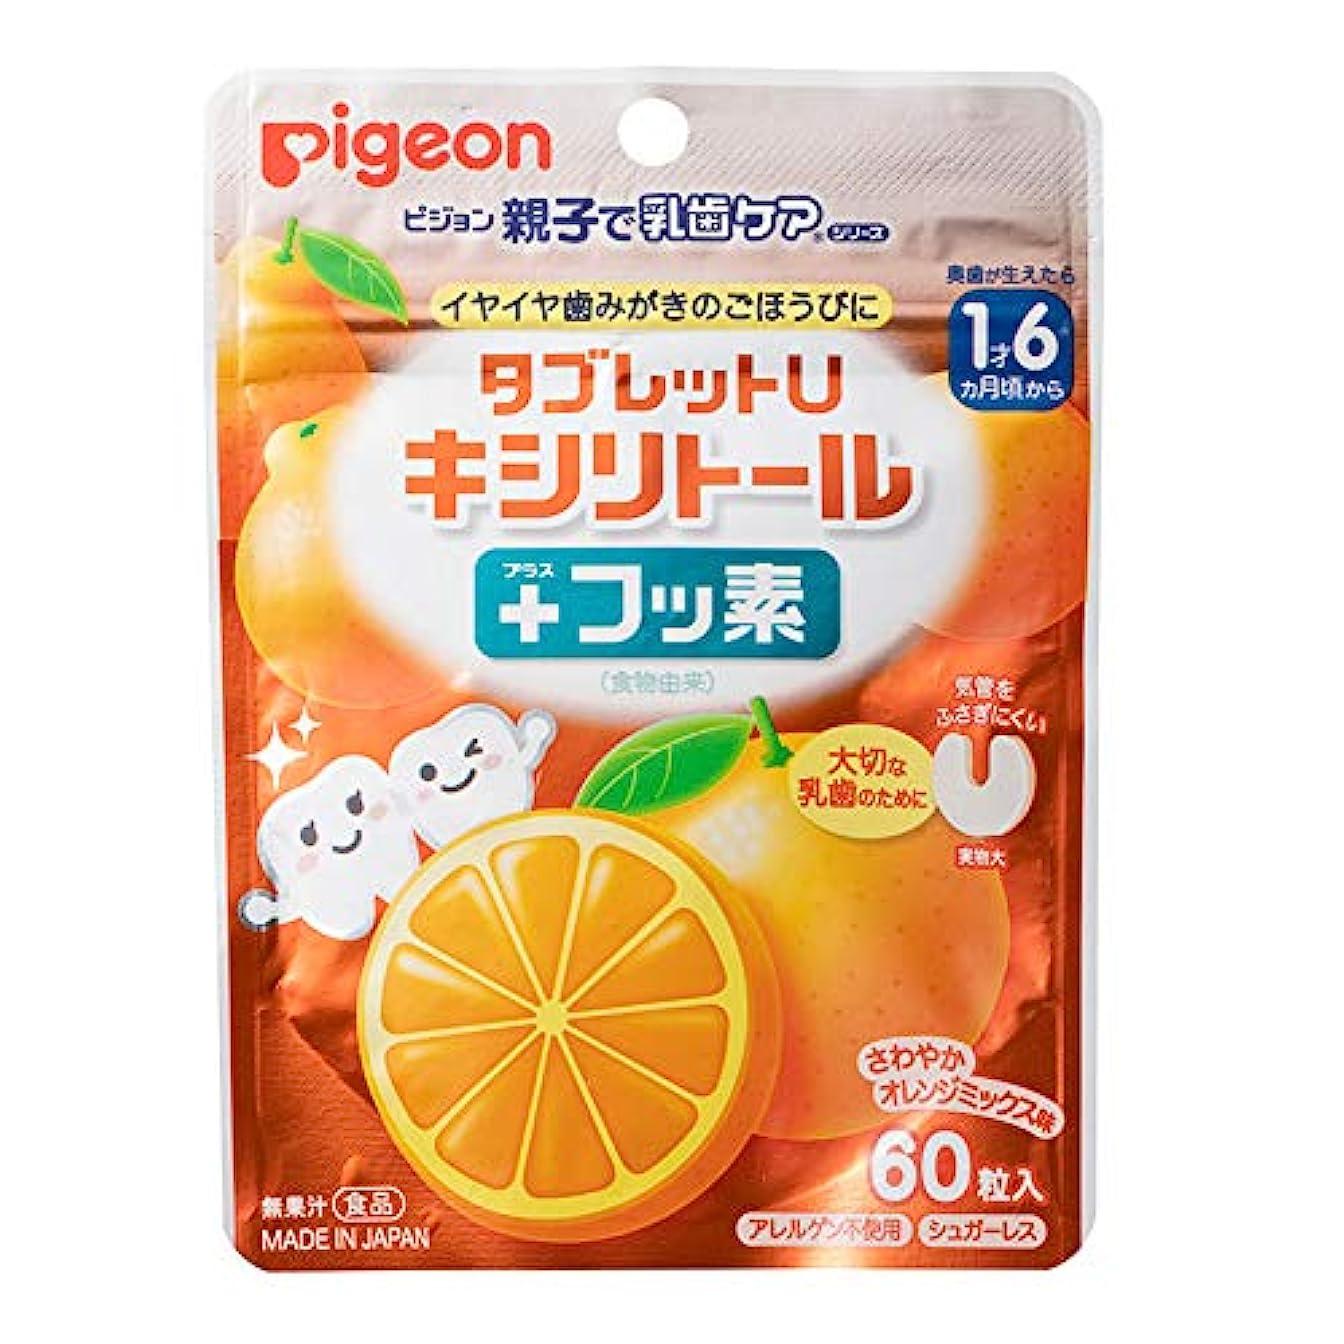 若者シロクマ杖ピジョン(Pigeon) タブレットUキシリトール+フッ素 オレンジミックス味60粒入 アレルゲン不使用 シュガーレス 【1歳6ヵ月頃から】